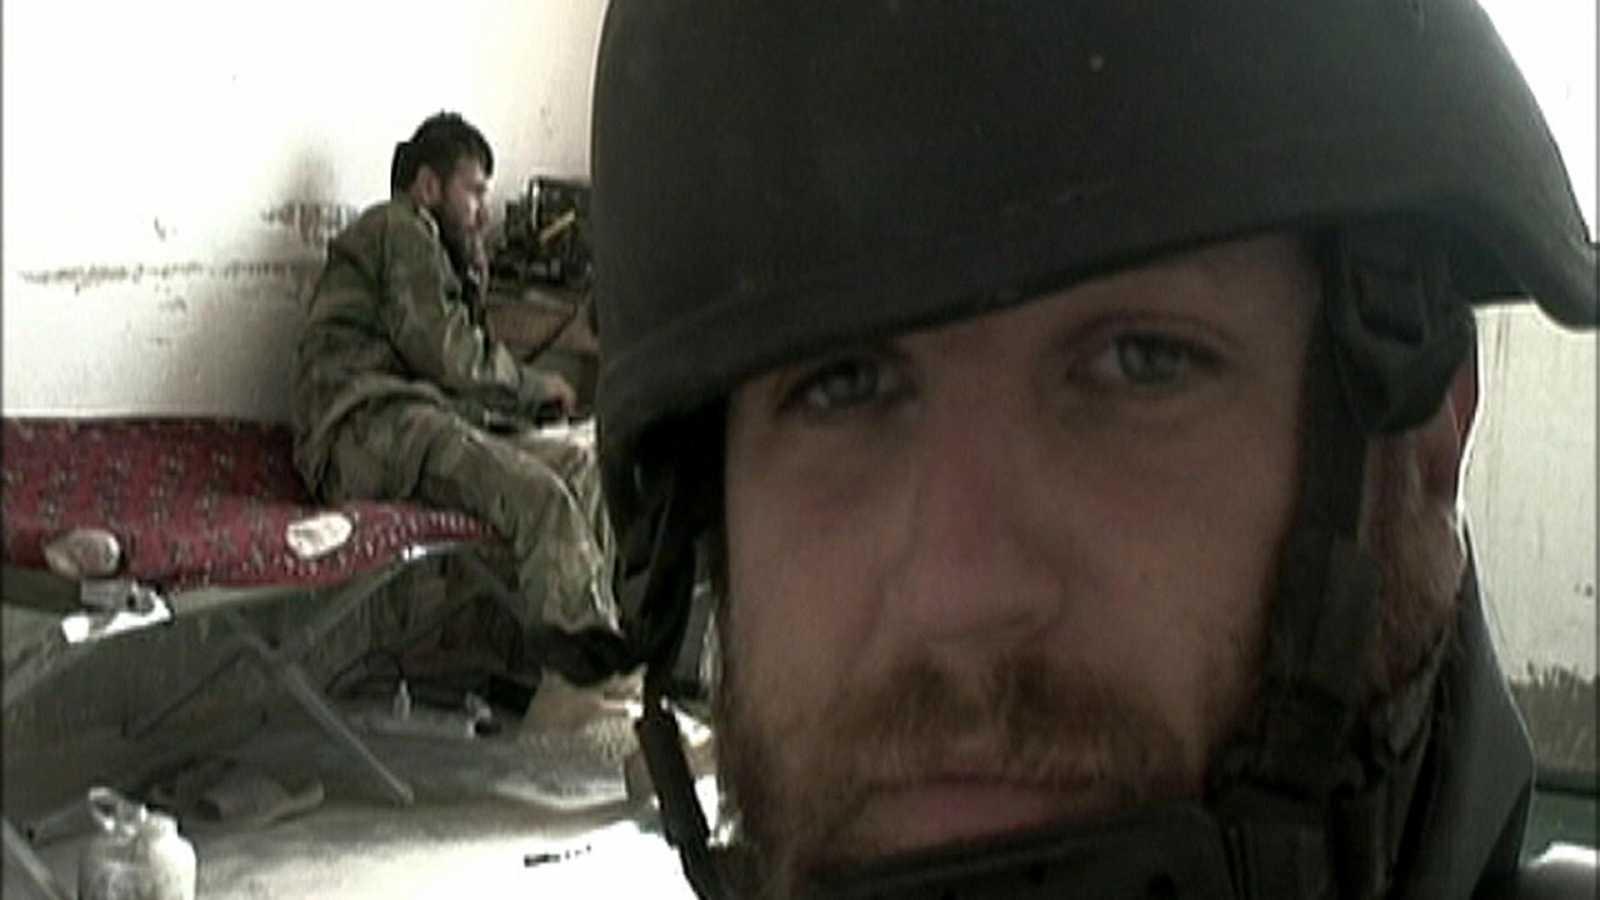 La noche temática - Los ojos de la guerra - ver ahora